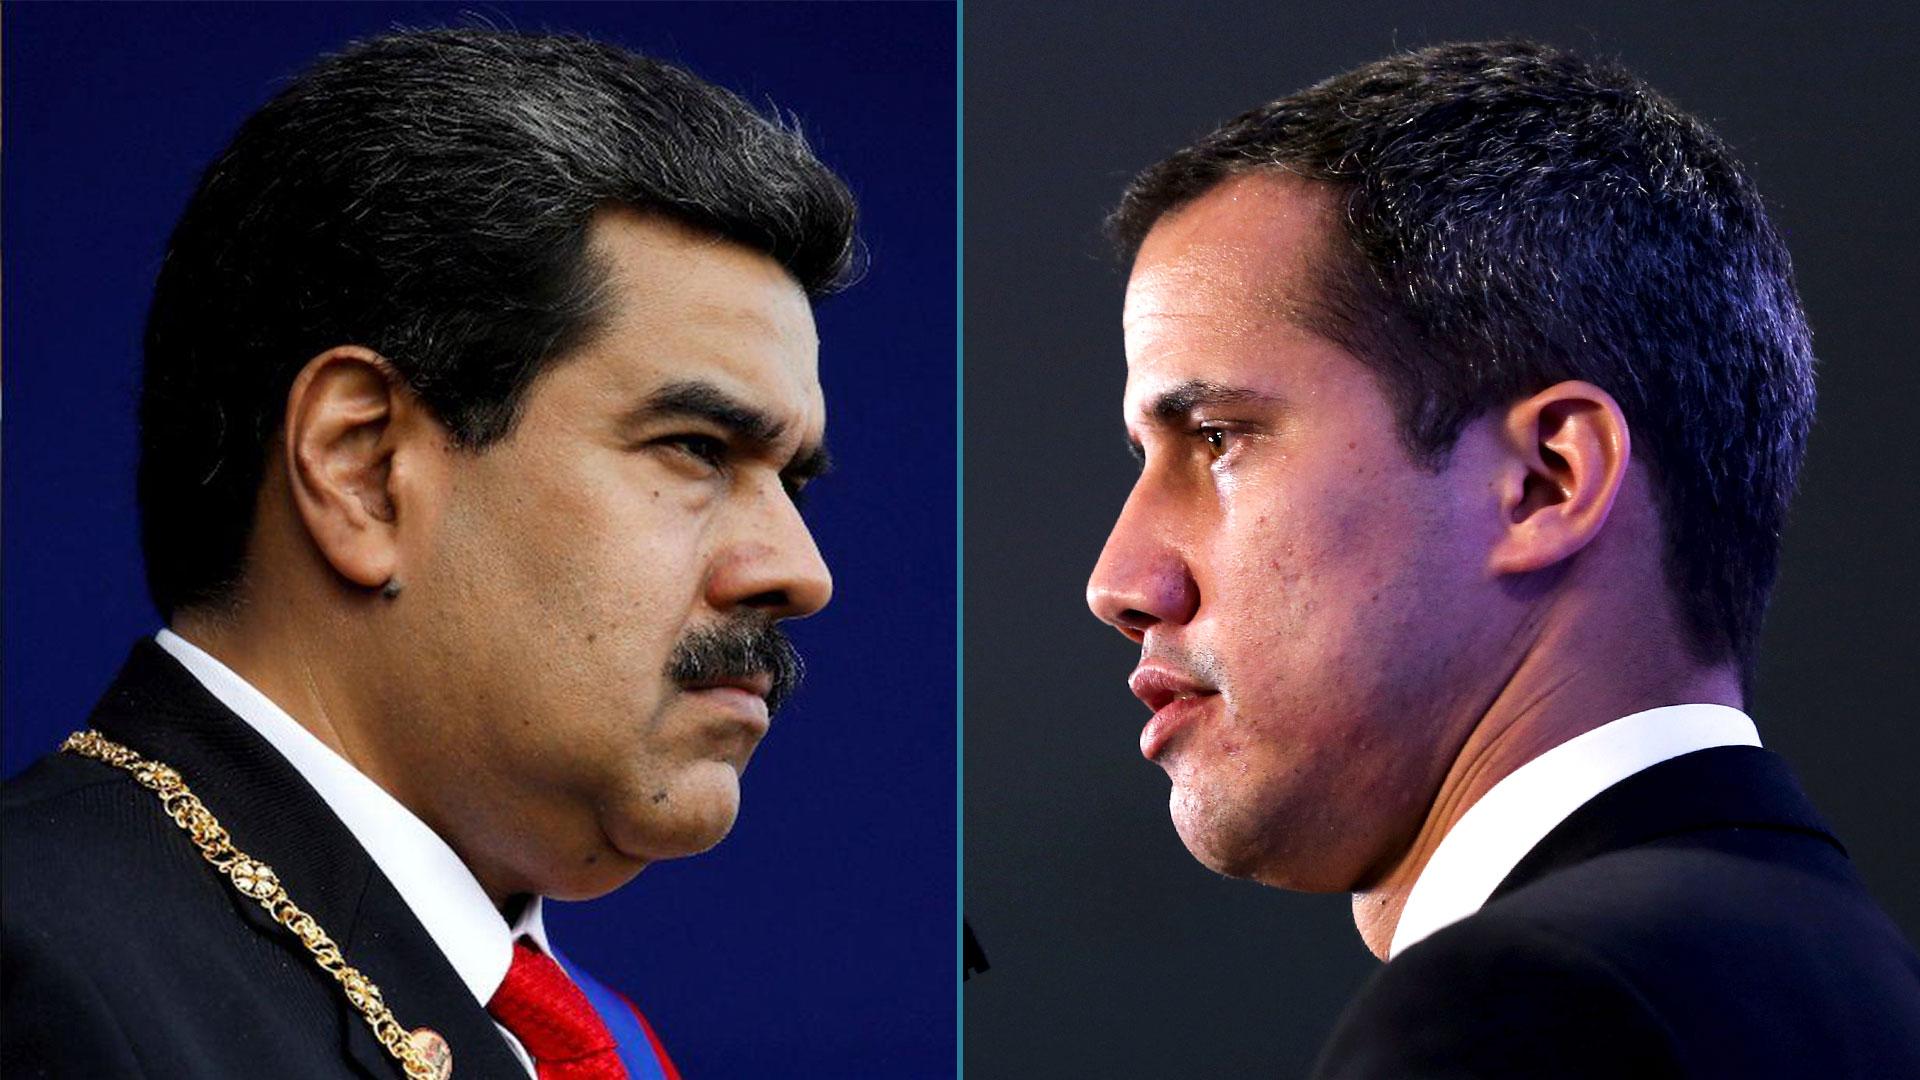 El enfrentamiento entre el chavista Nicolás Maduro y el presidente interino Juan Guaidó está marcando el ritmo de la crisis política en Venezuela